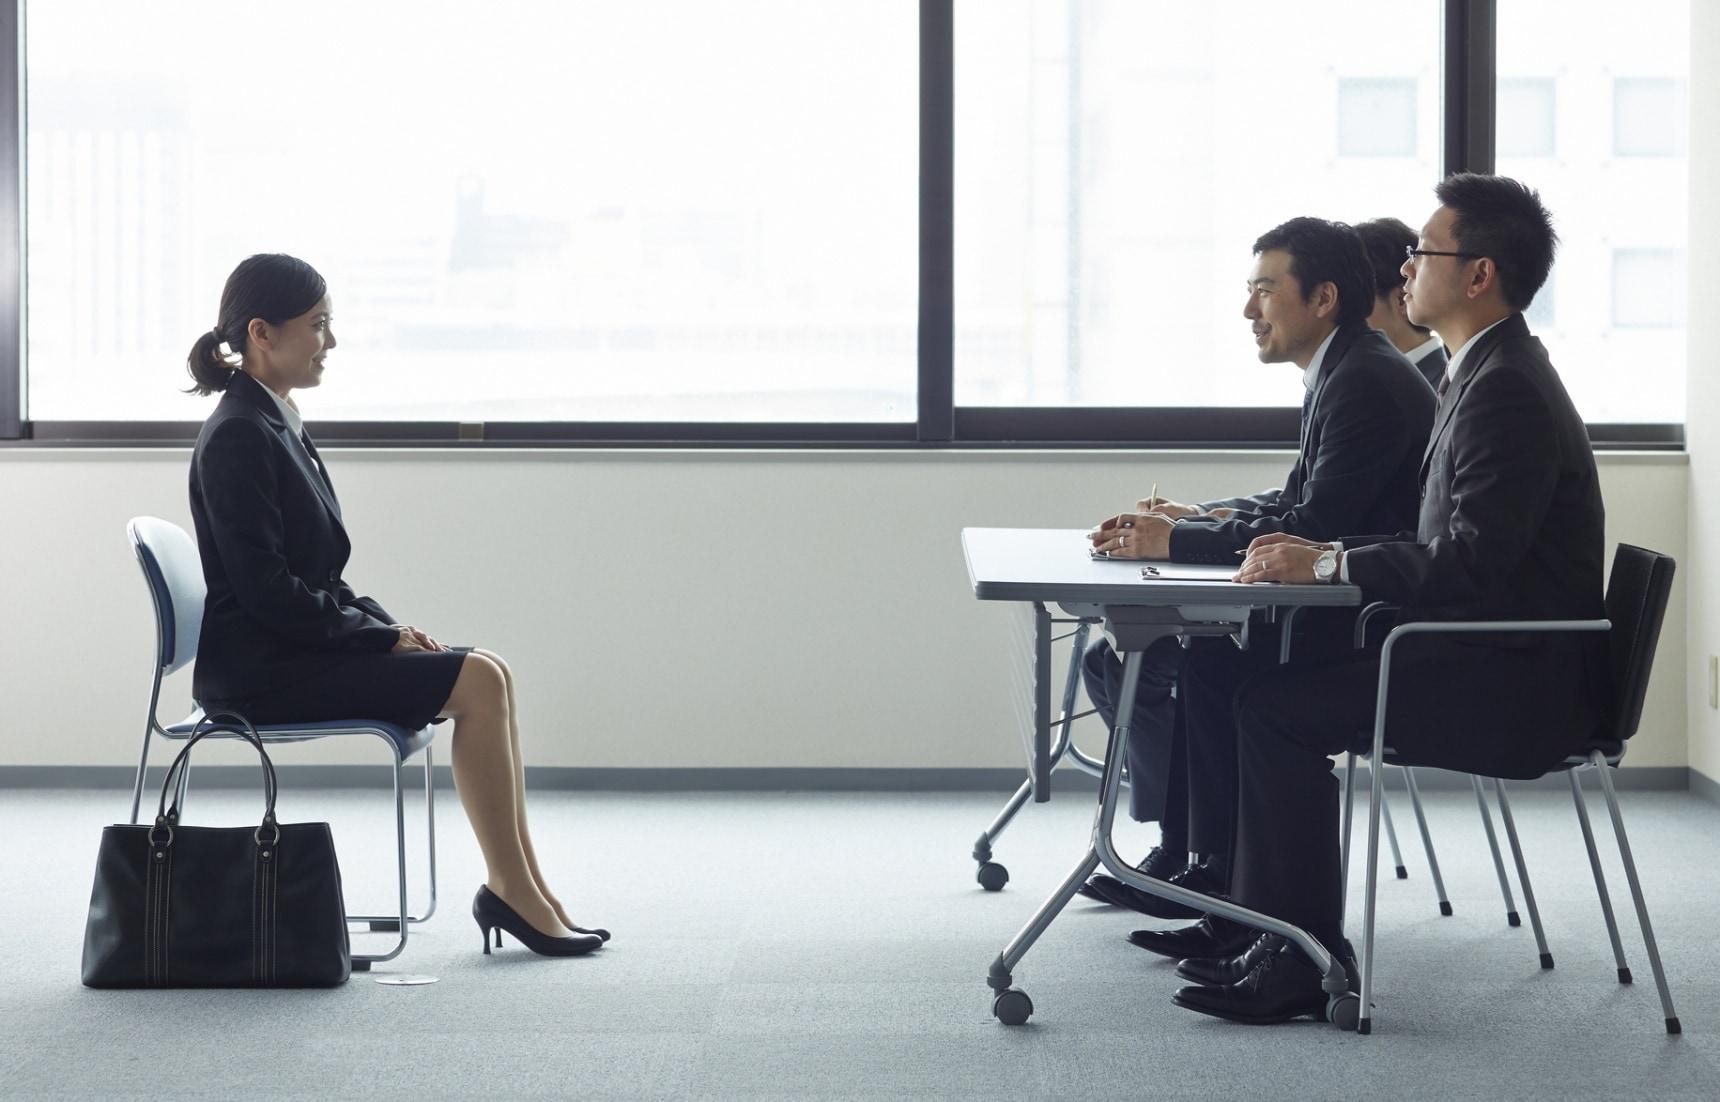 วิธีการหางานในญี่ปุ่น และประสบการณ์ส่วนตัว